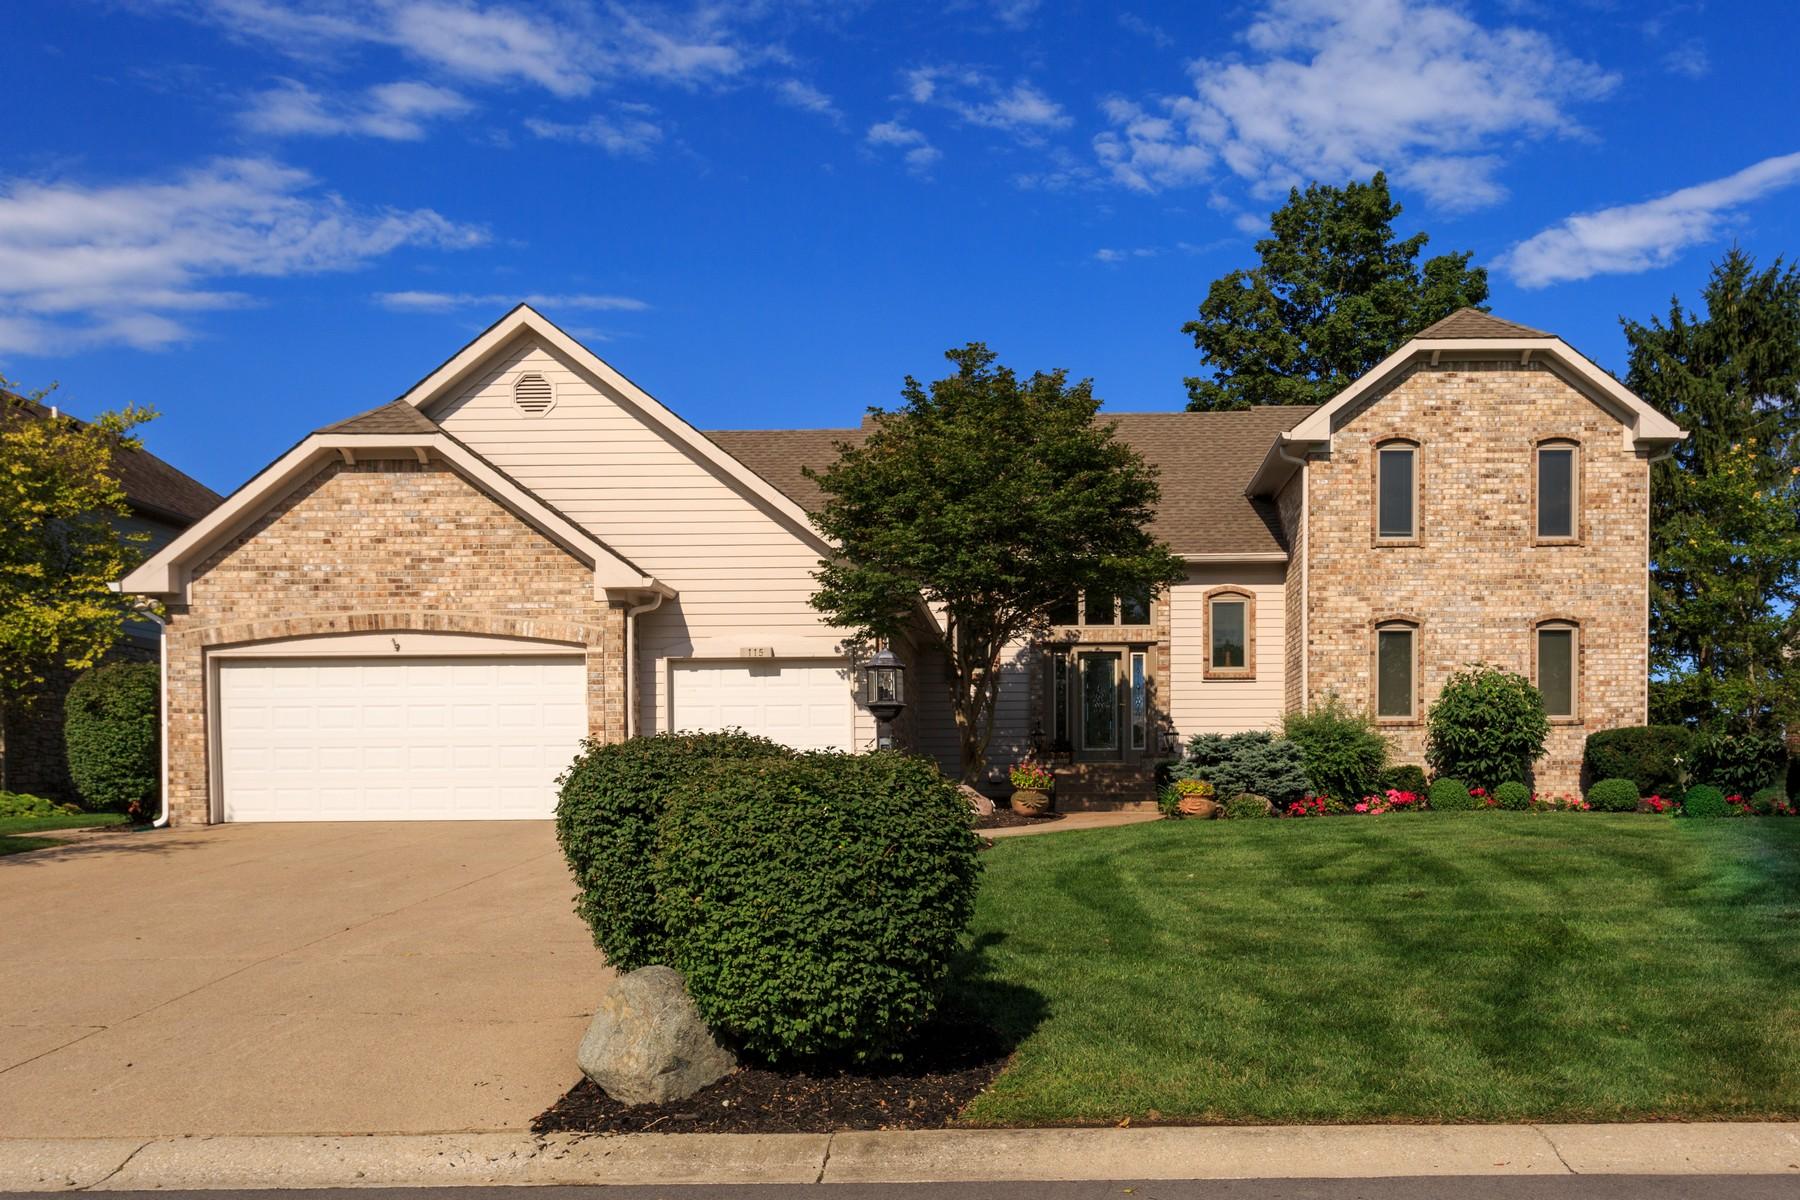 Casa Unifamiliar por un Venta en Fantastic Lakefront Home 115 Edgewater Drive Noblesville, Indiana 46062 Estados Unidos